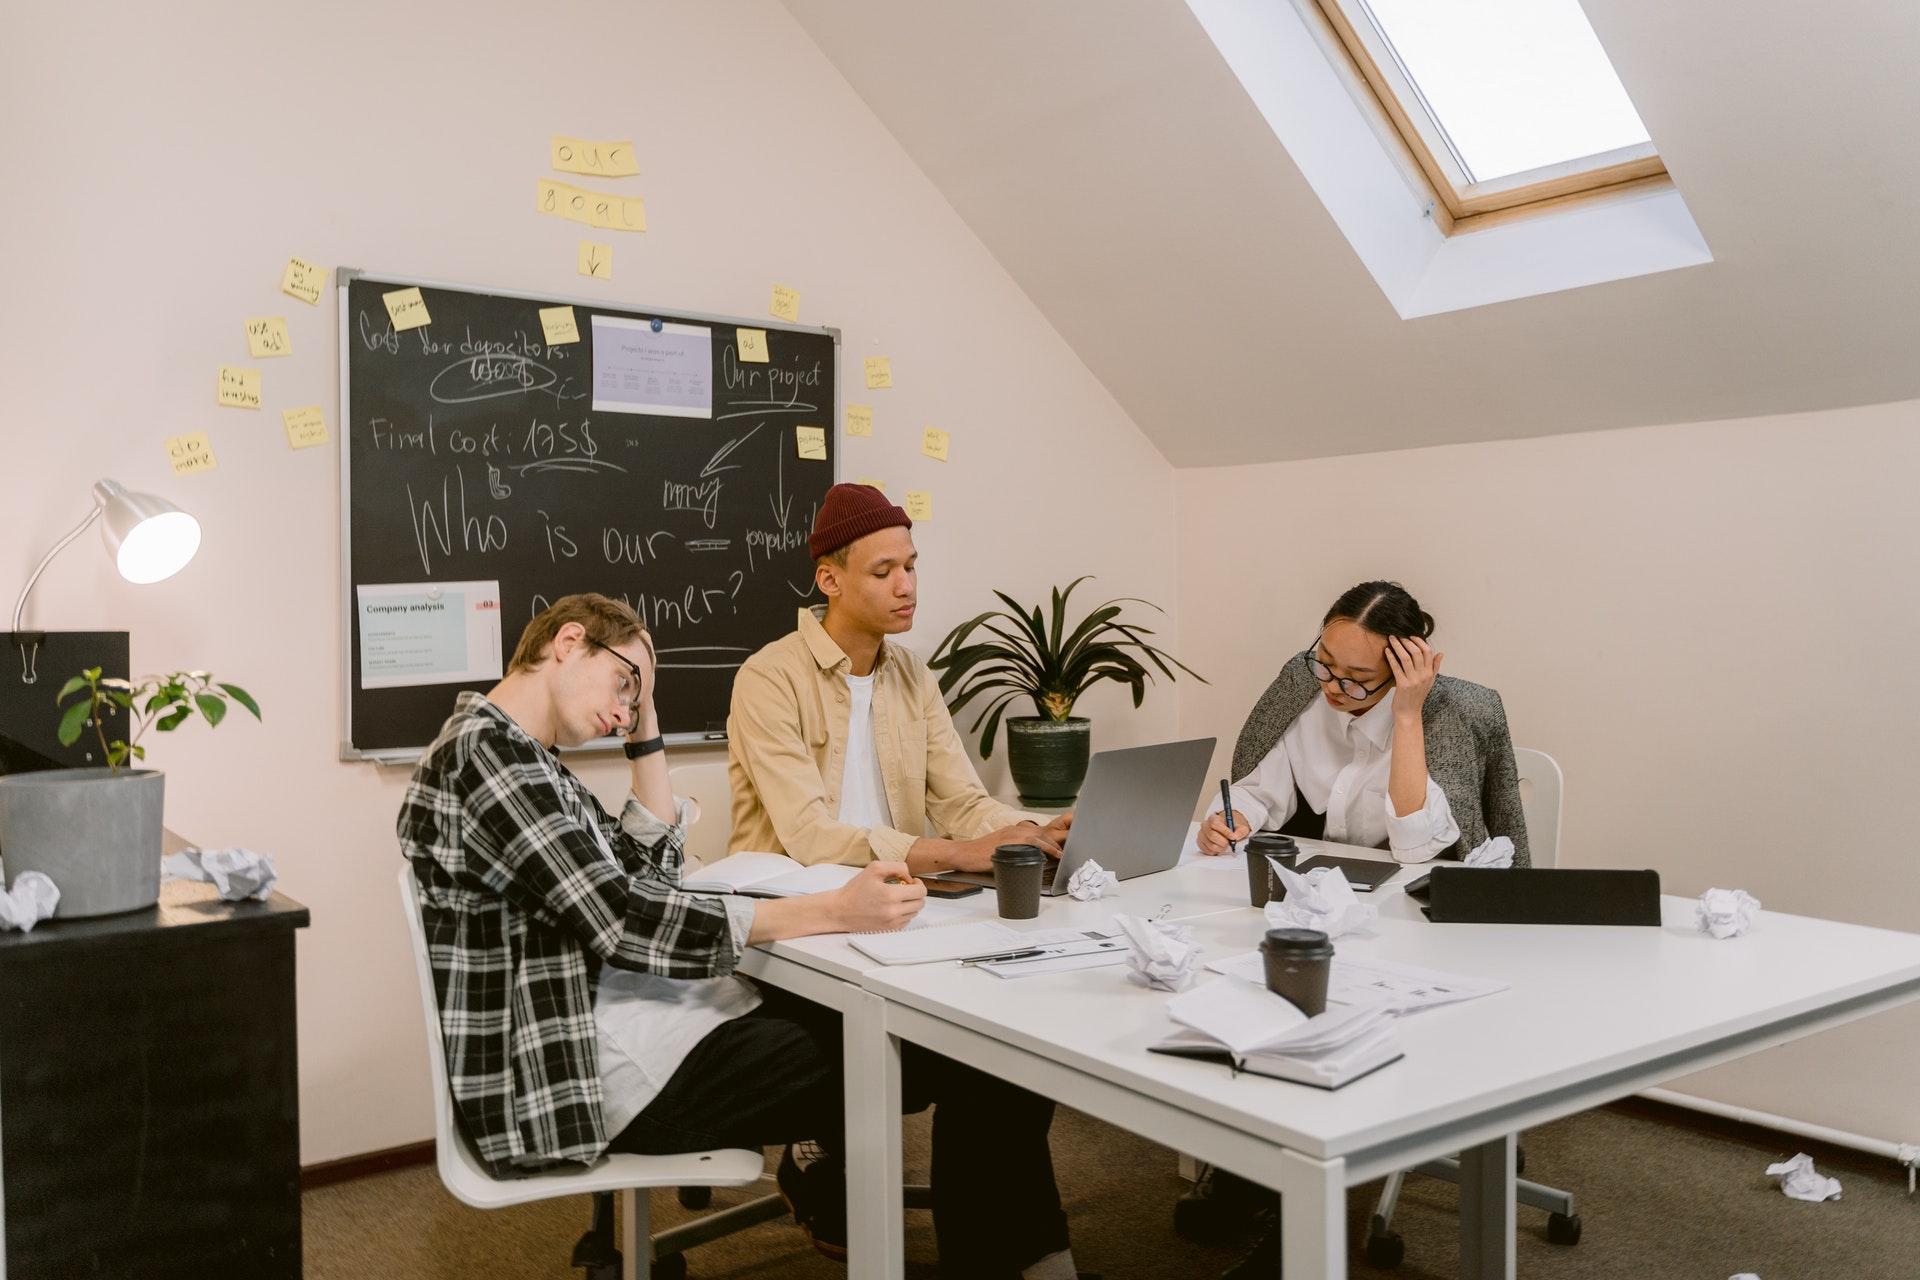 Imagem de três pessoas em reunião sentados ao redor de uma mesa. Imagem ilustrativa texto mvp de franquia.